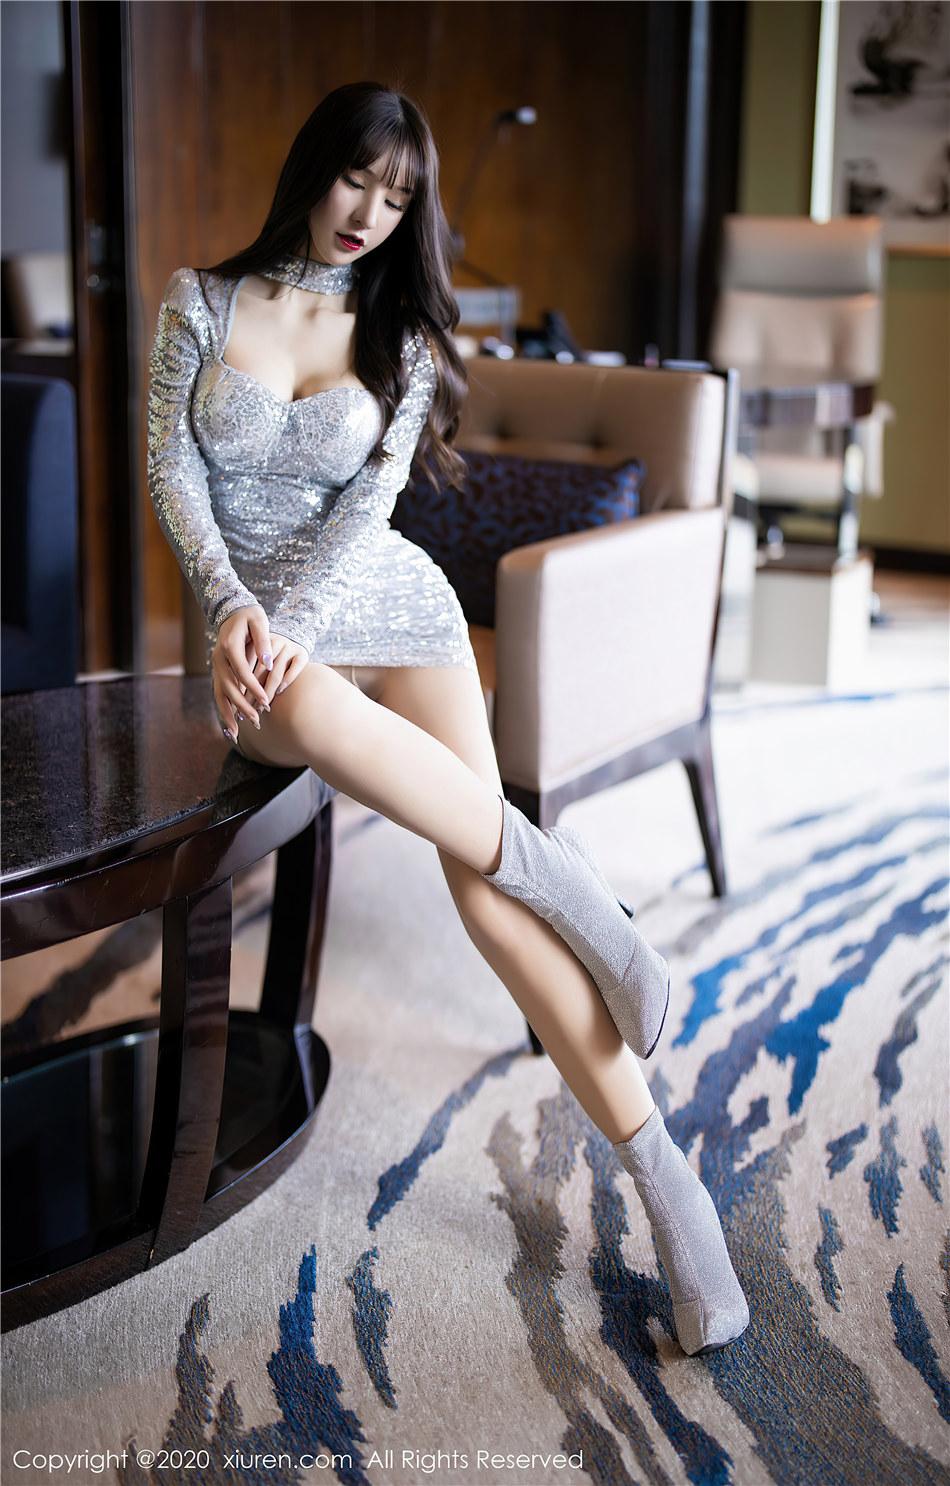 秀人网  极品美女周于希Sandy超短裙大胸美臀诱惑高清写真  No.2318